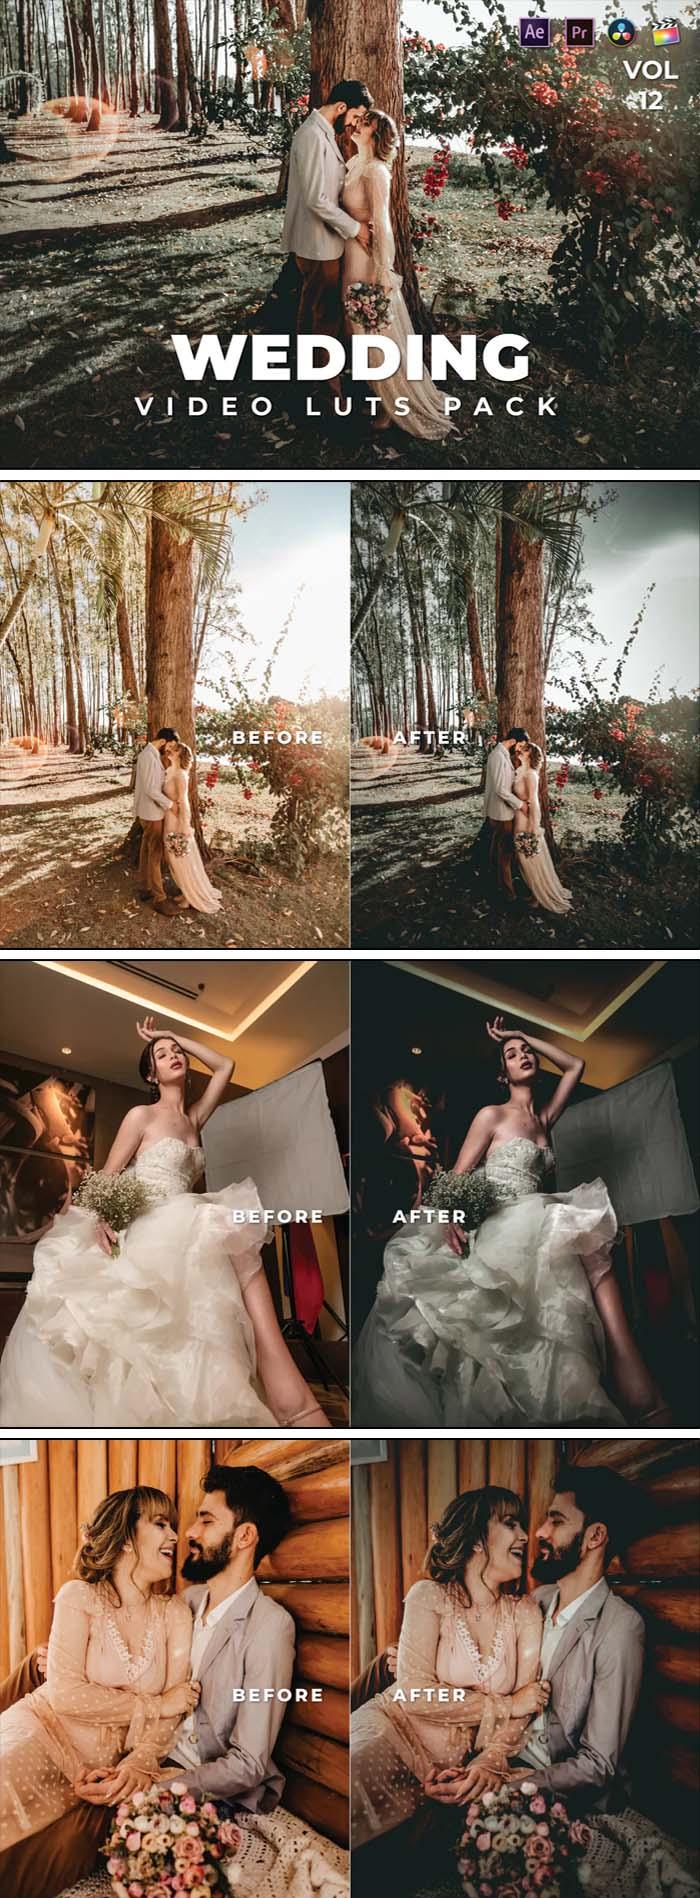 Wedding Pack Video LUTs Vol.12